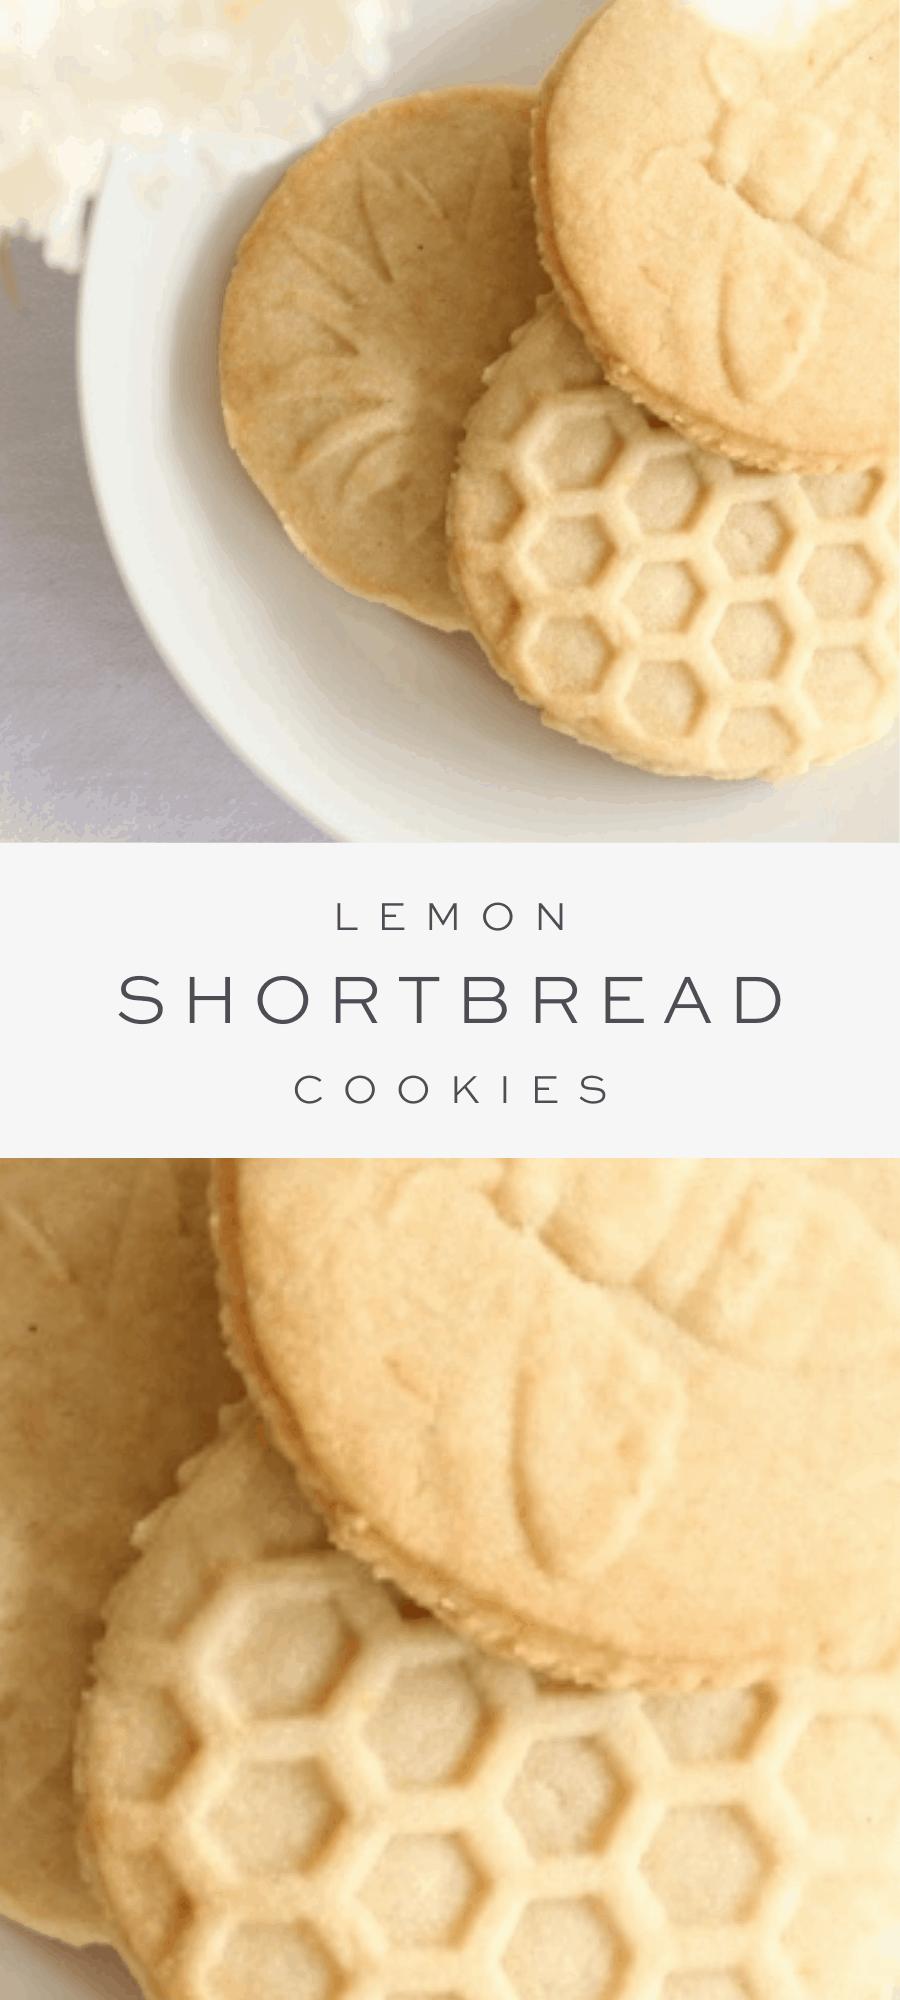 Lemon Shortbread Cookies (Just 5 Ingredients) | Julie Blanner